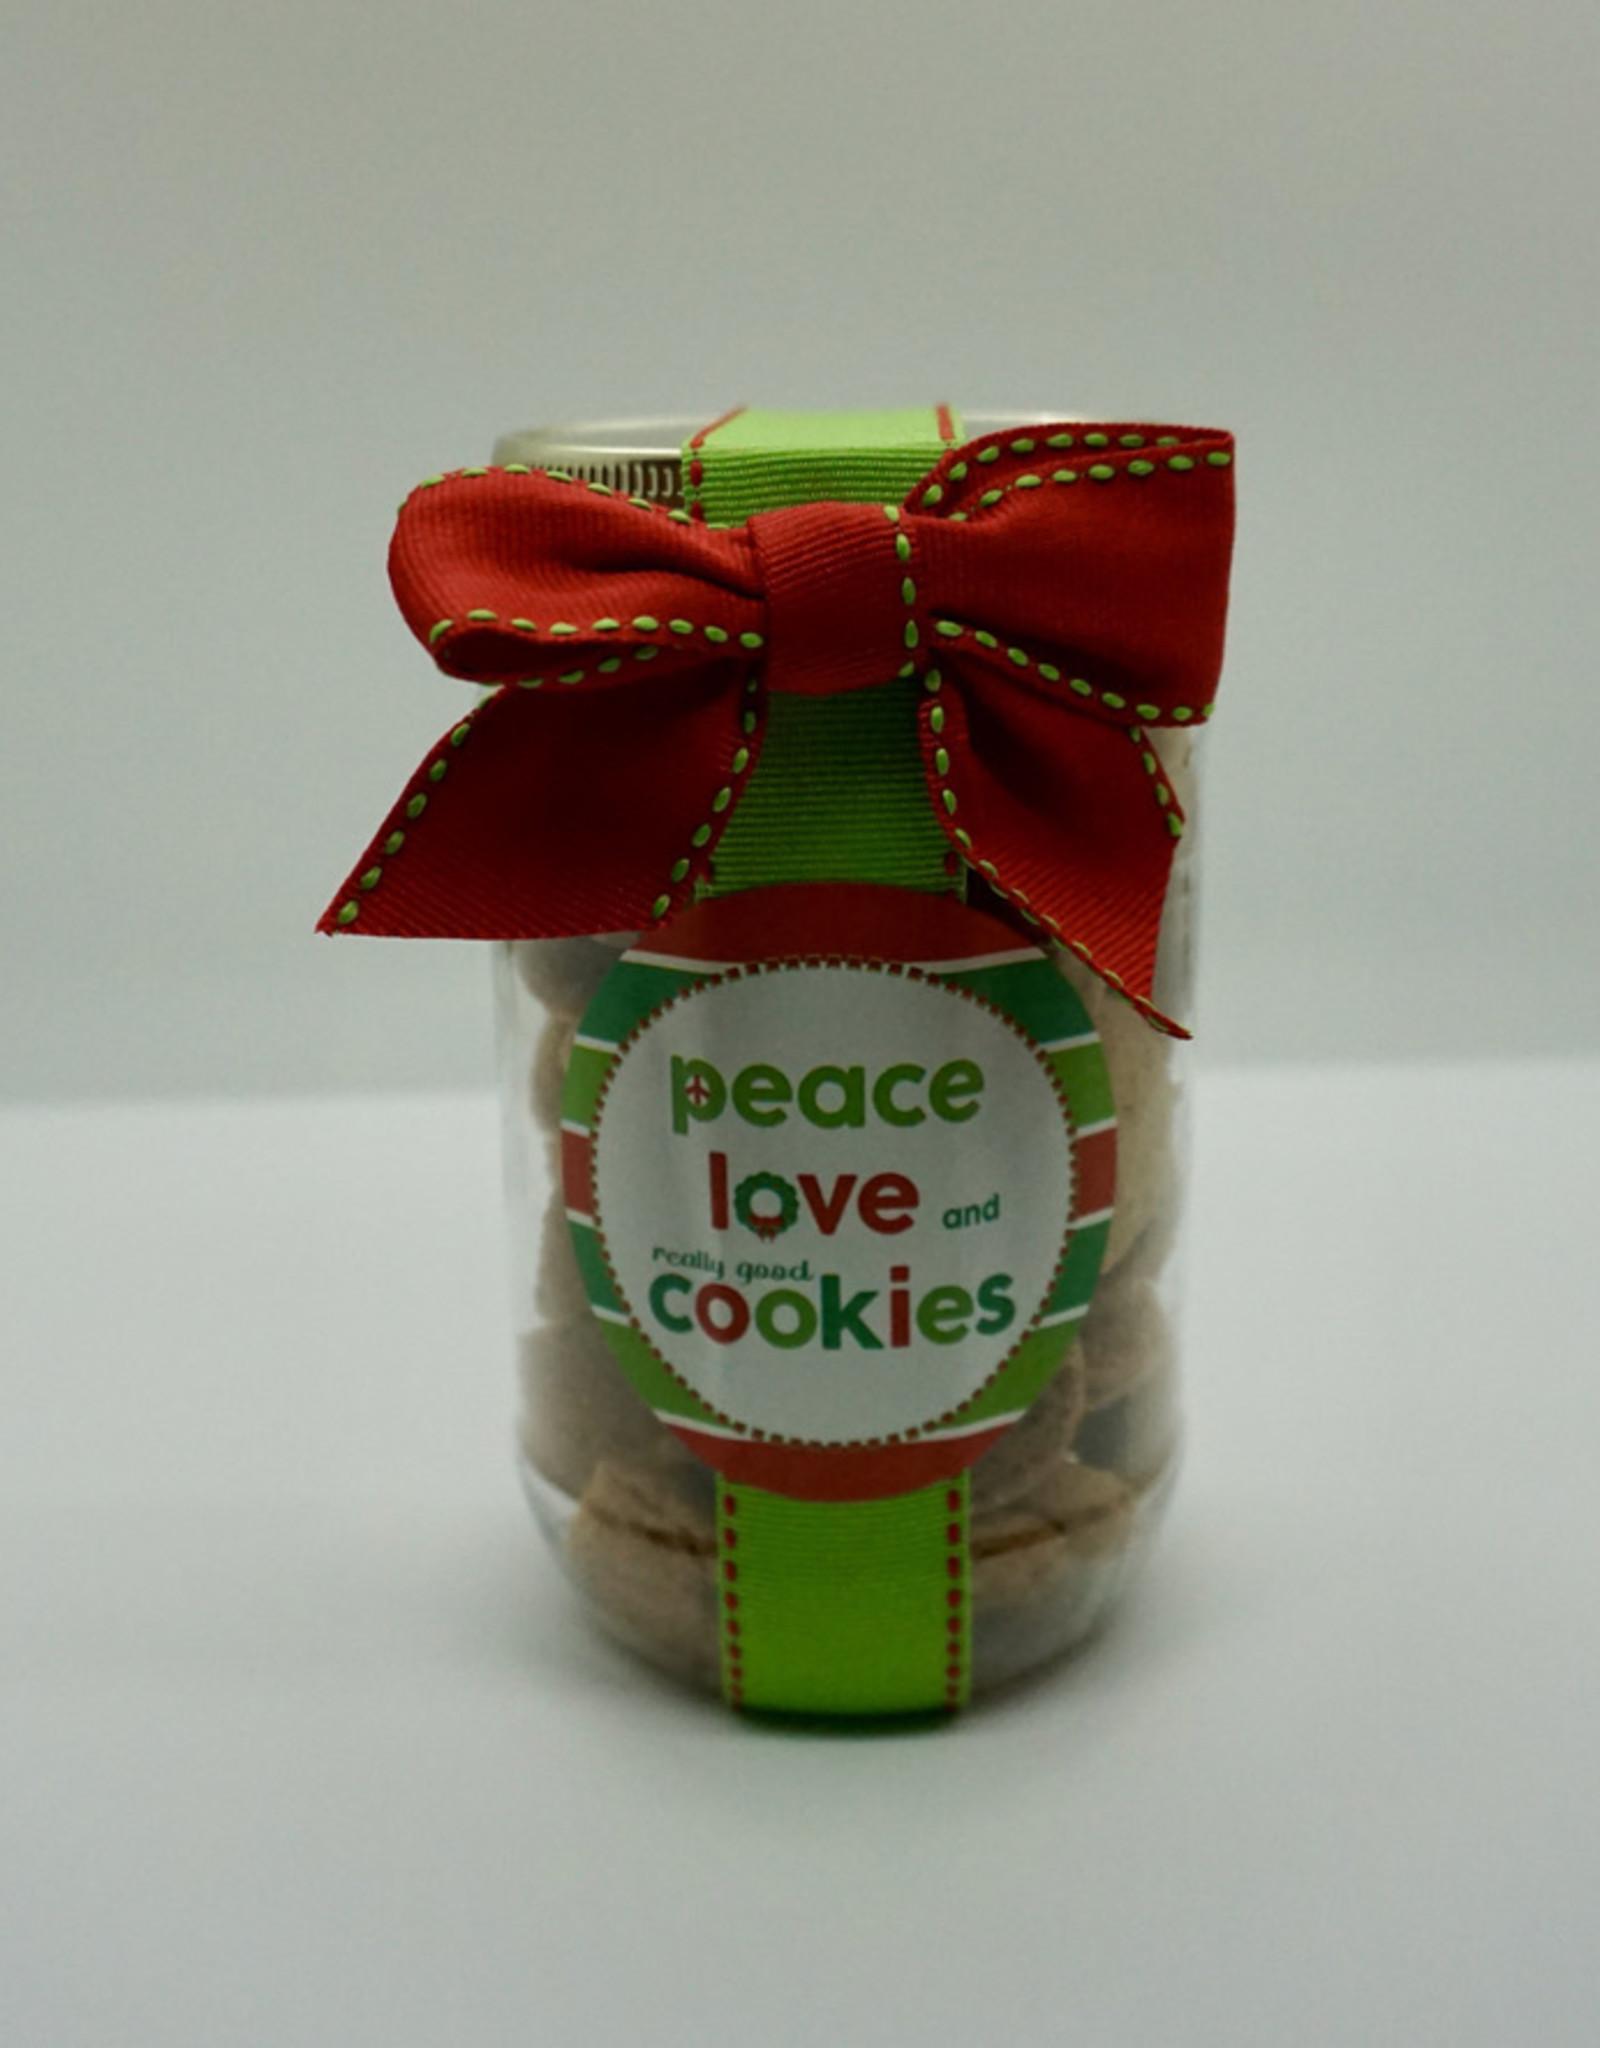 Oh Sugar! - 5oz Jar Choc Chip Cookies - Peace Love Cookies